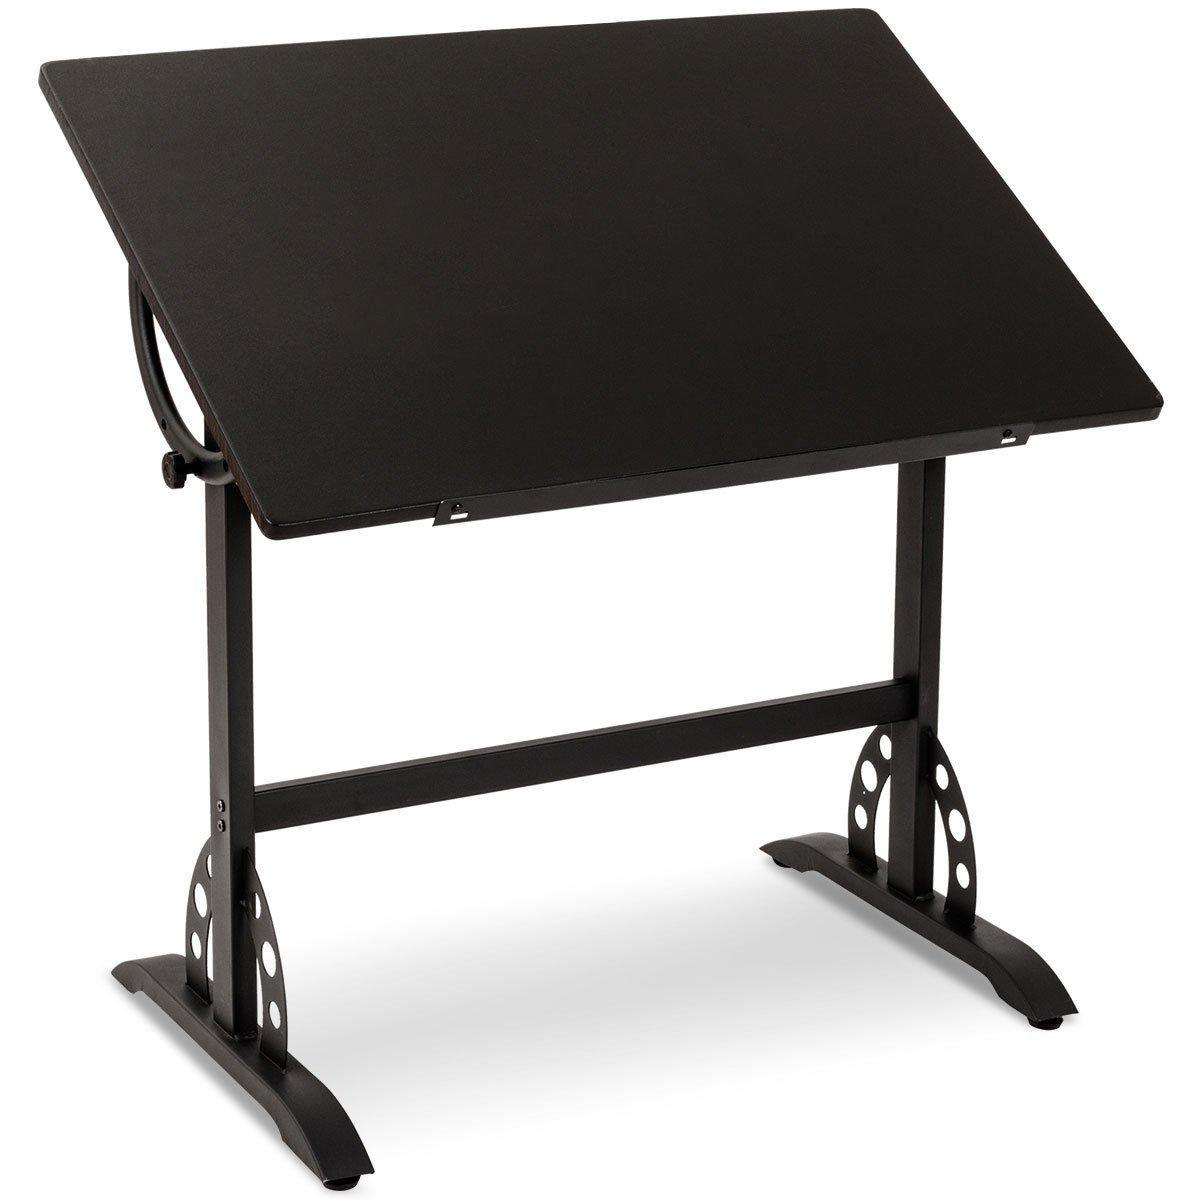 Adjustable Drafting Table Art & Craft Station Hobby Drawing Desk Black Vintage